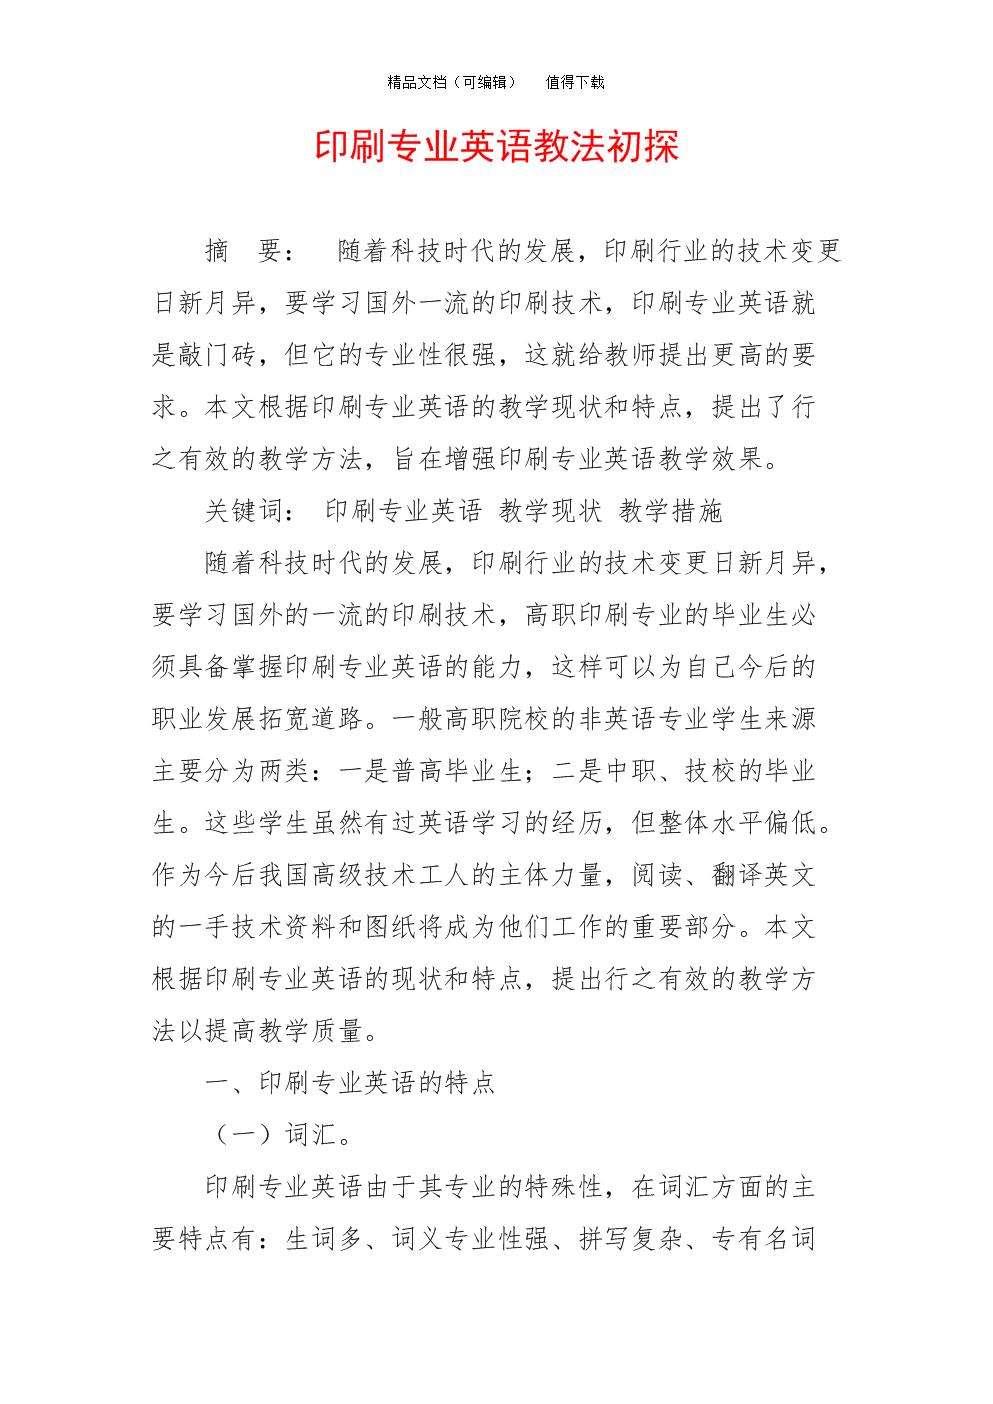 印刷专业英语教法初探.doc